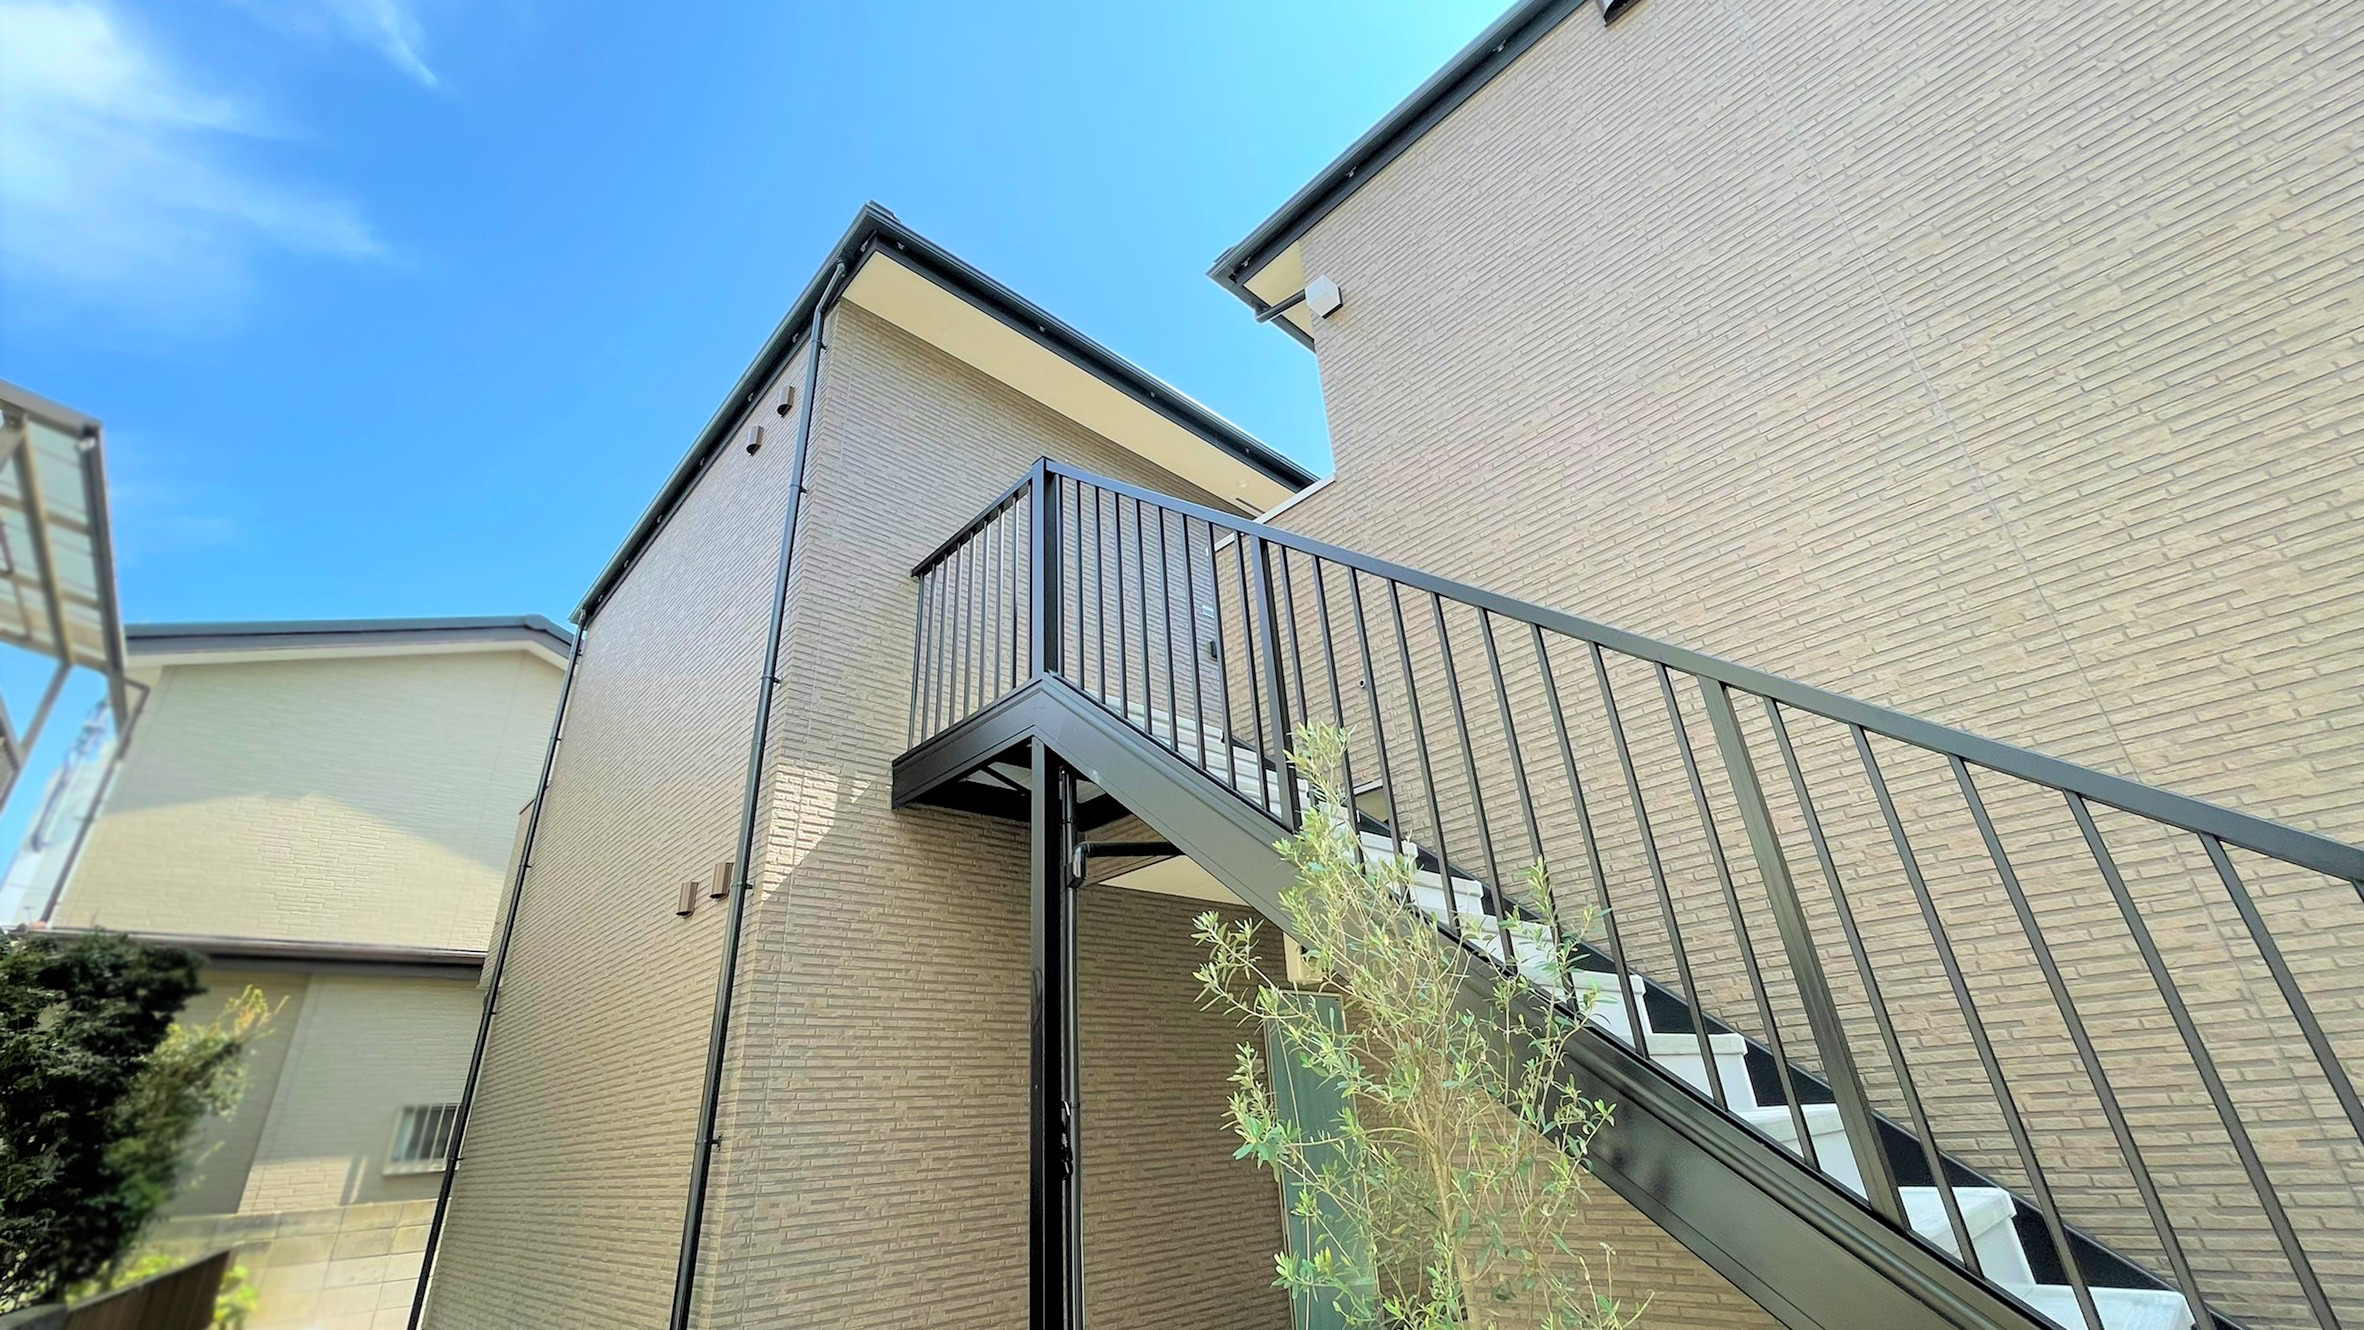 グランコート 外観写真 (さいたま市大宮区 1K賃貸アパート)